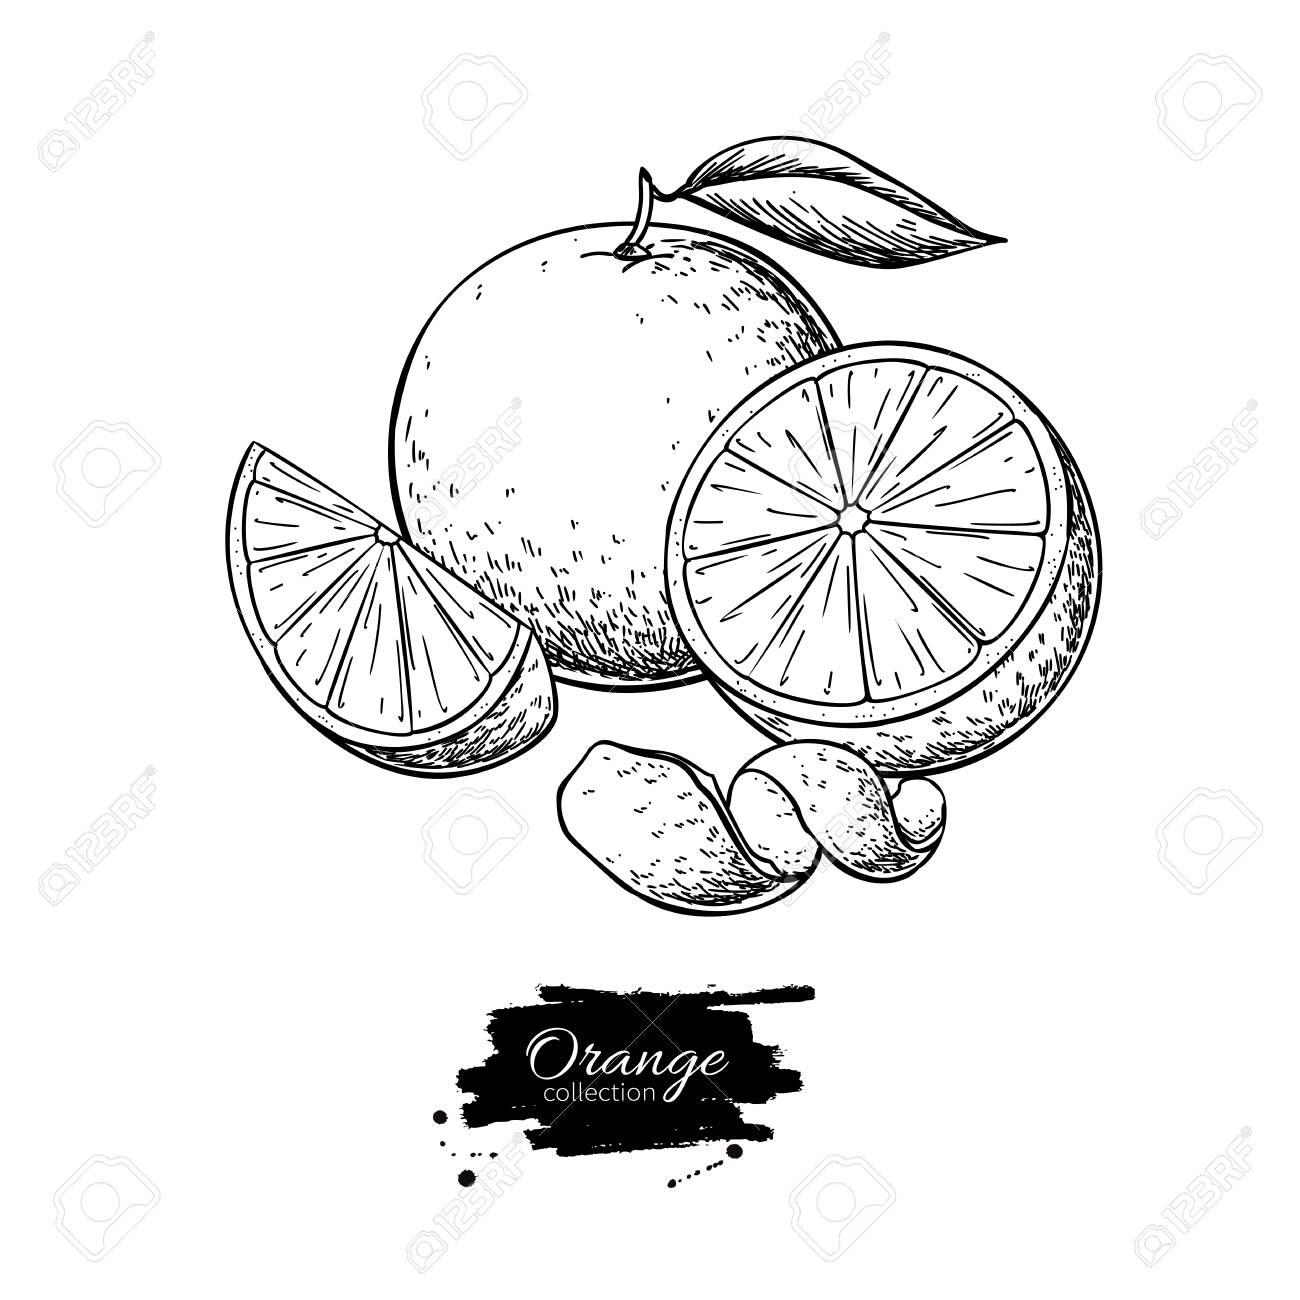 Orange drawing. - 121013439